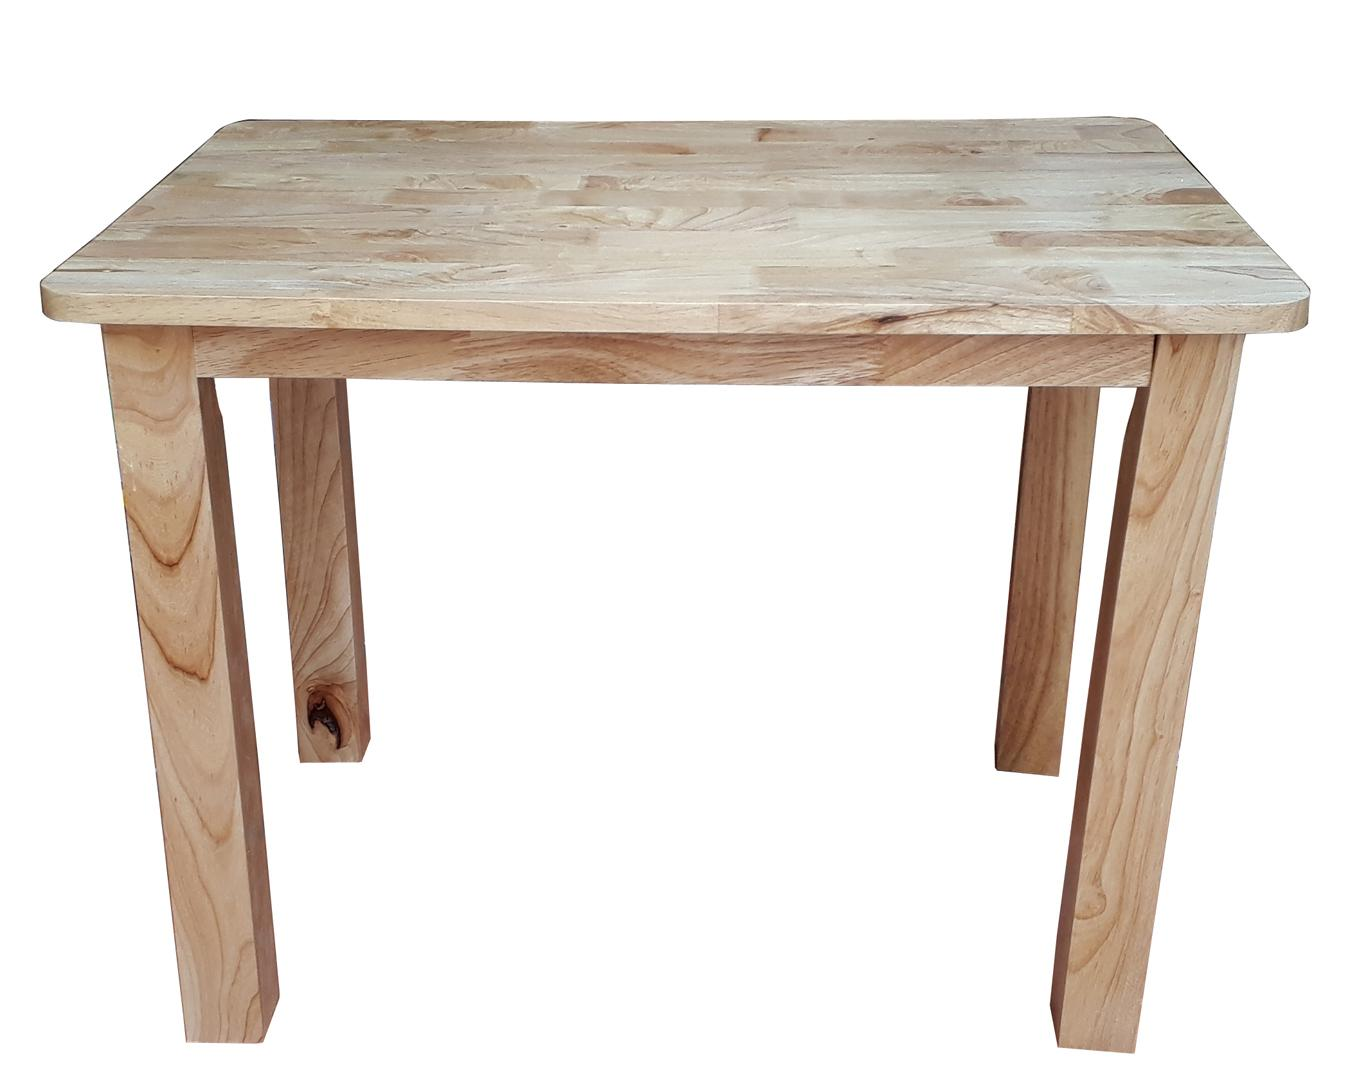 Bàn cafe chân vuông cao 52cm bằng gỗ (Tự nhiên)